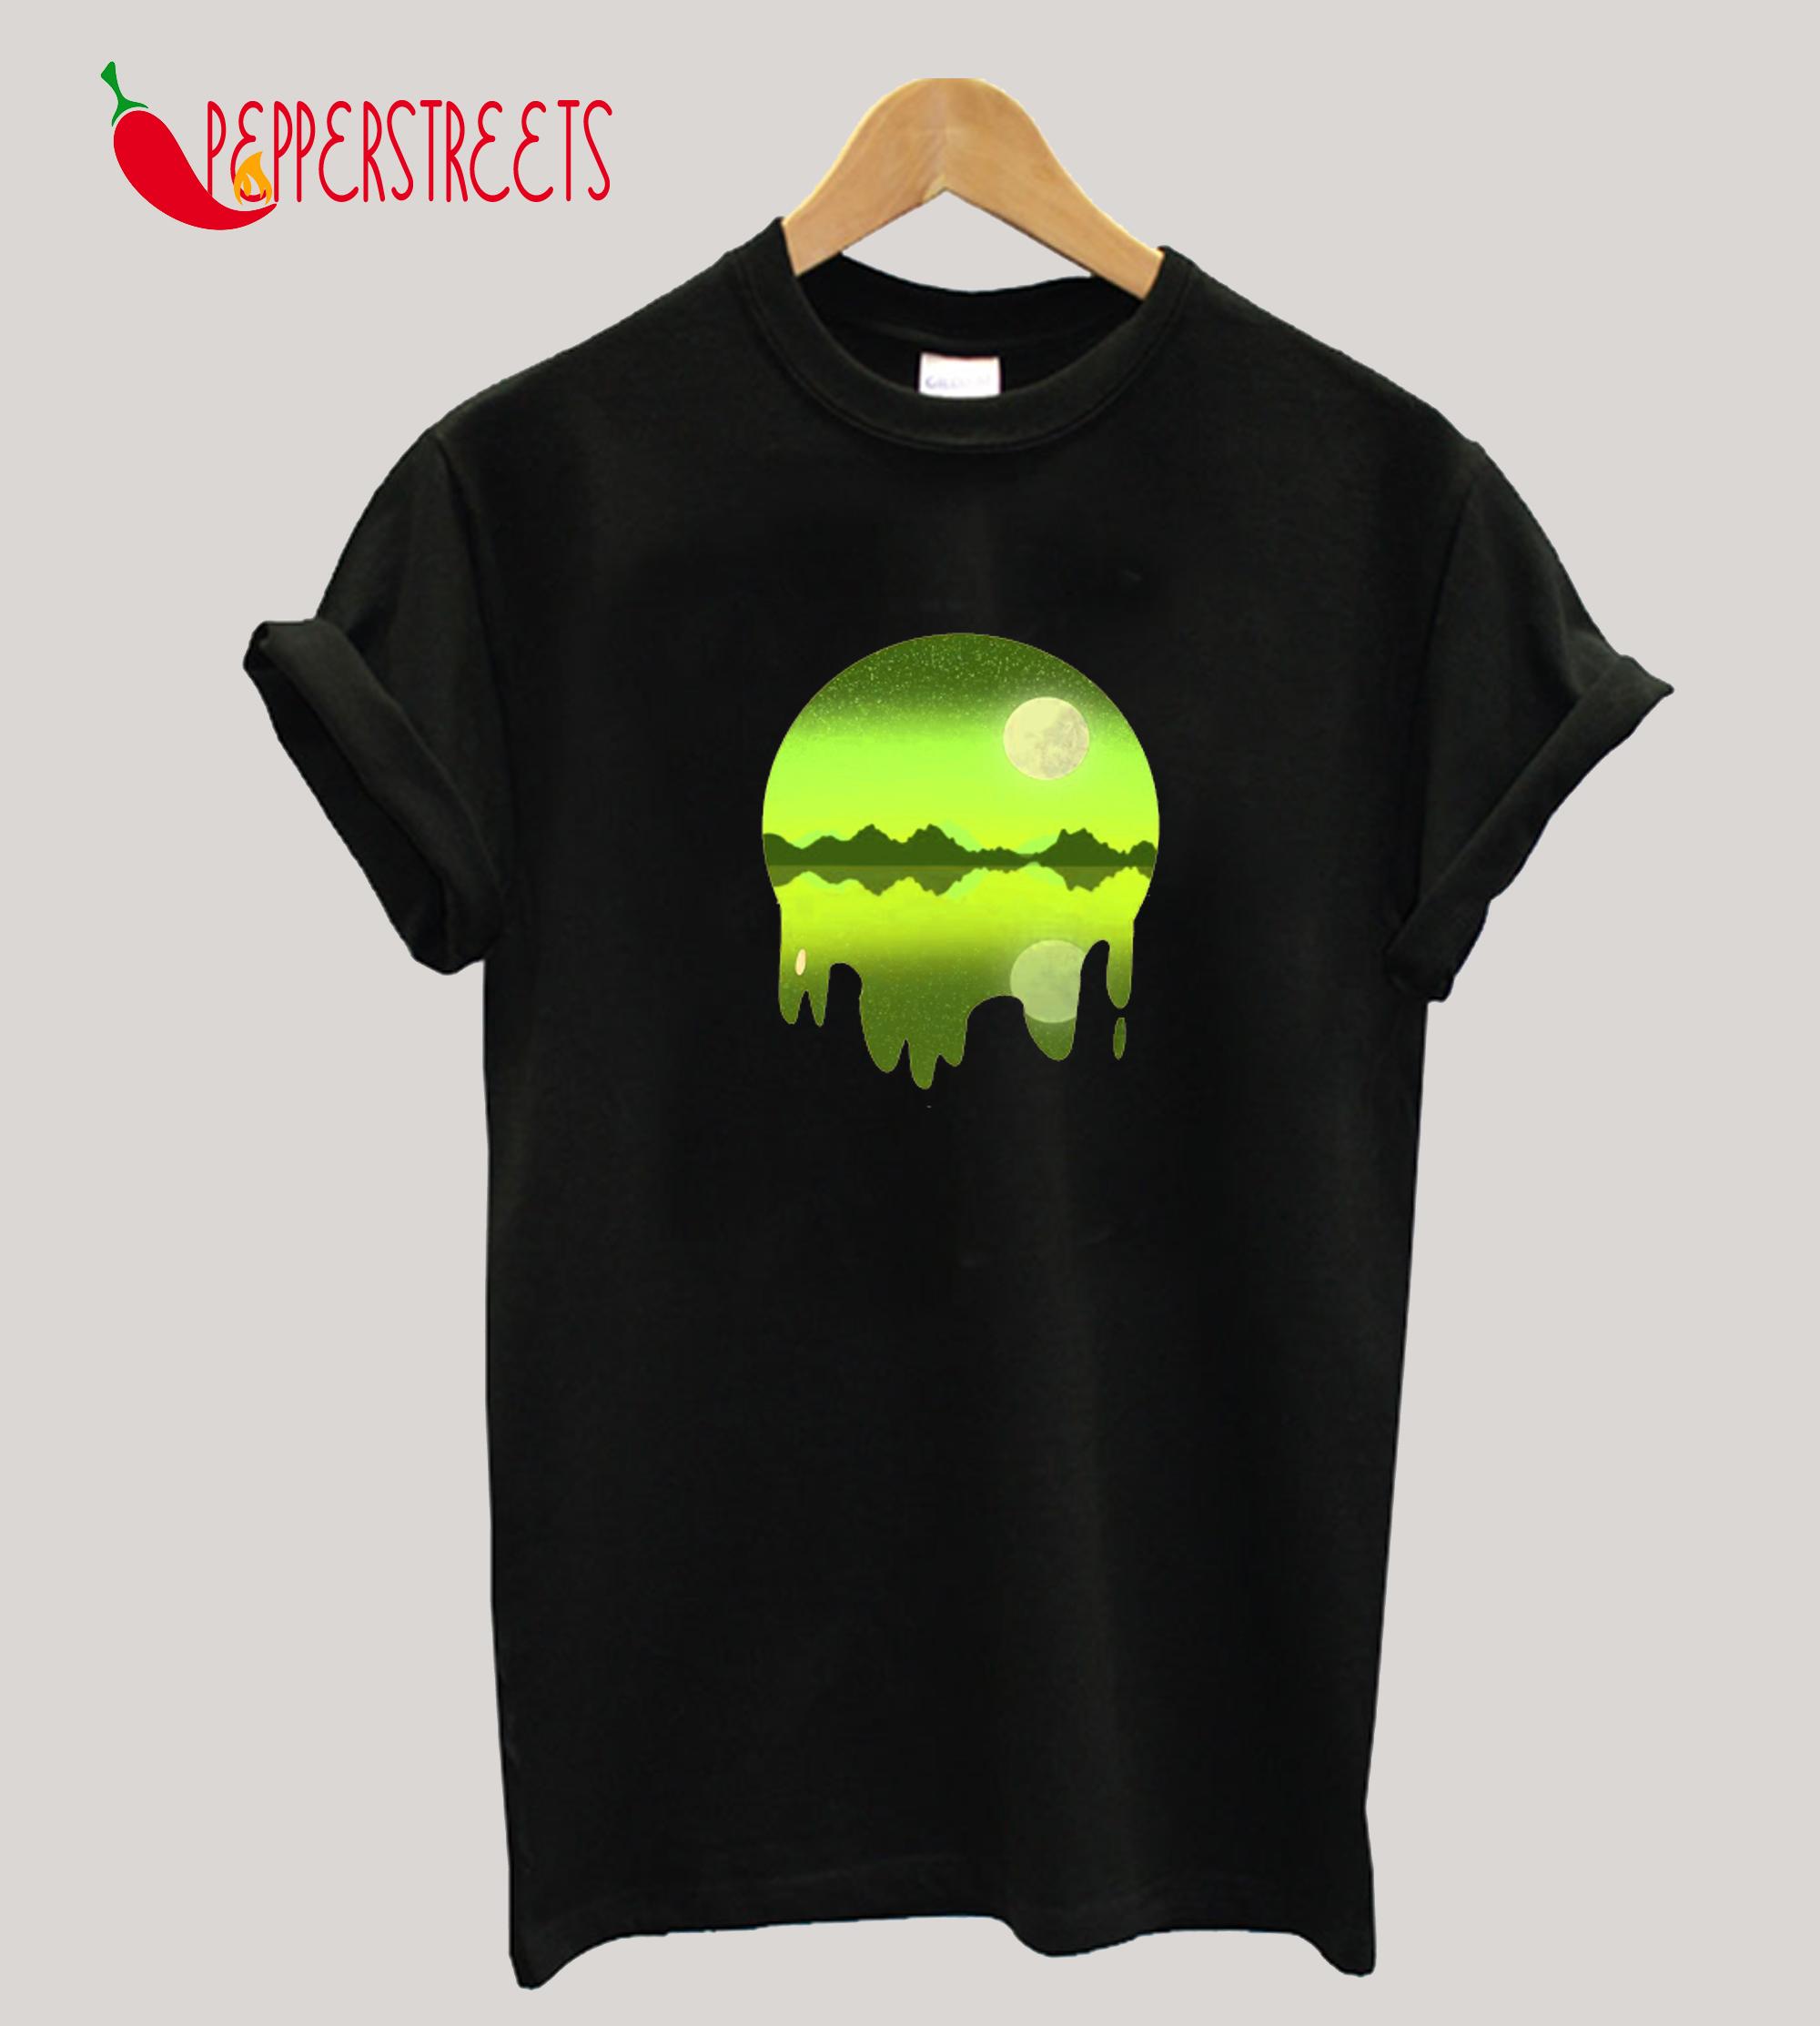 The Ecstacy T-Shirt